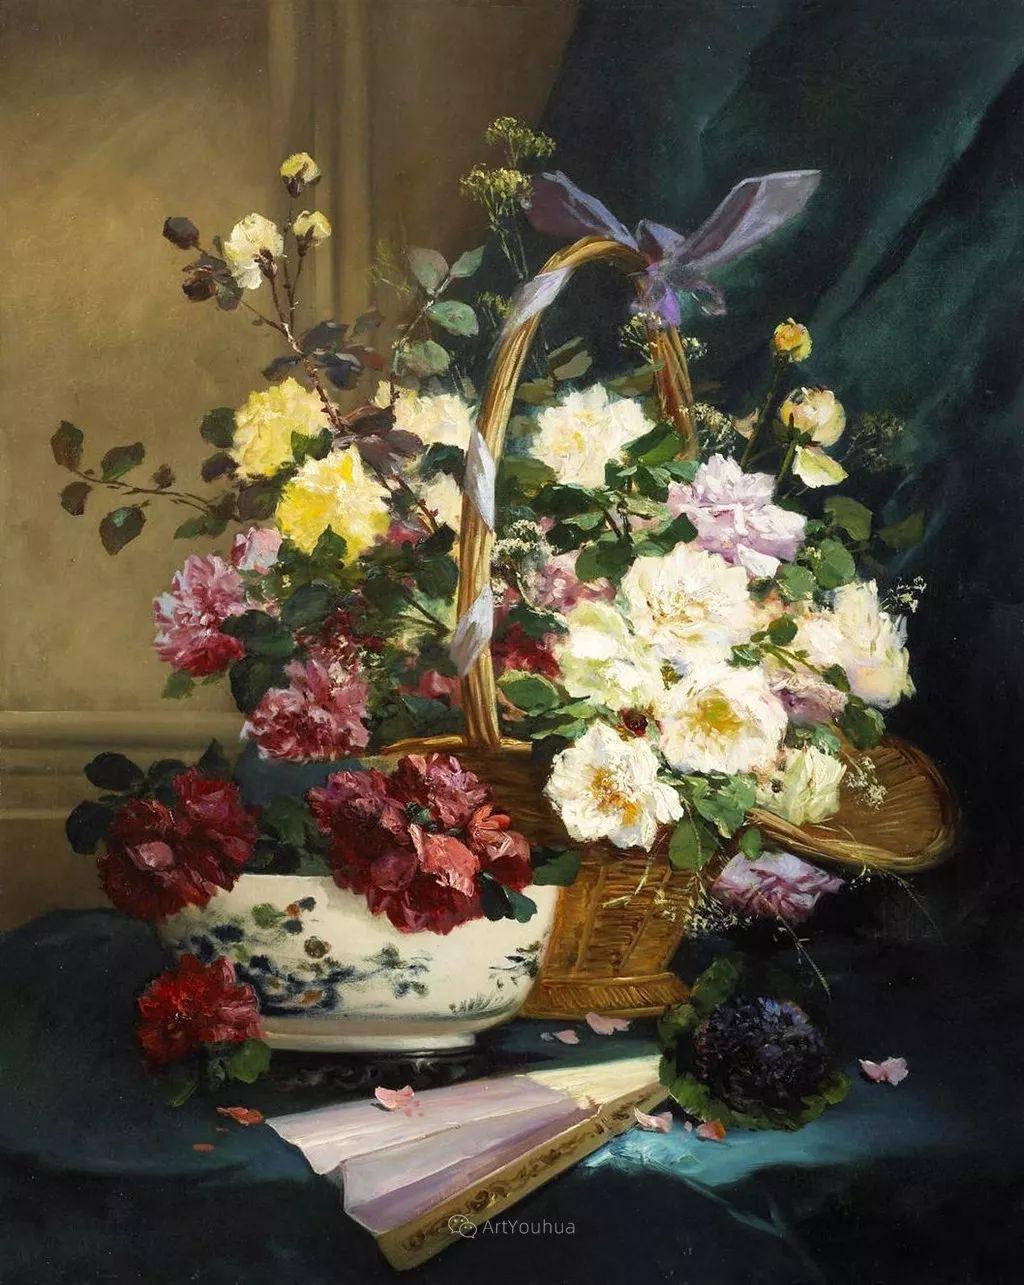 花卉的绽放之美,法国艺术家Eugene Henri Cauchois插图15